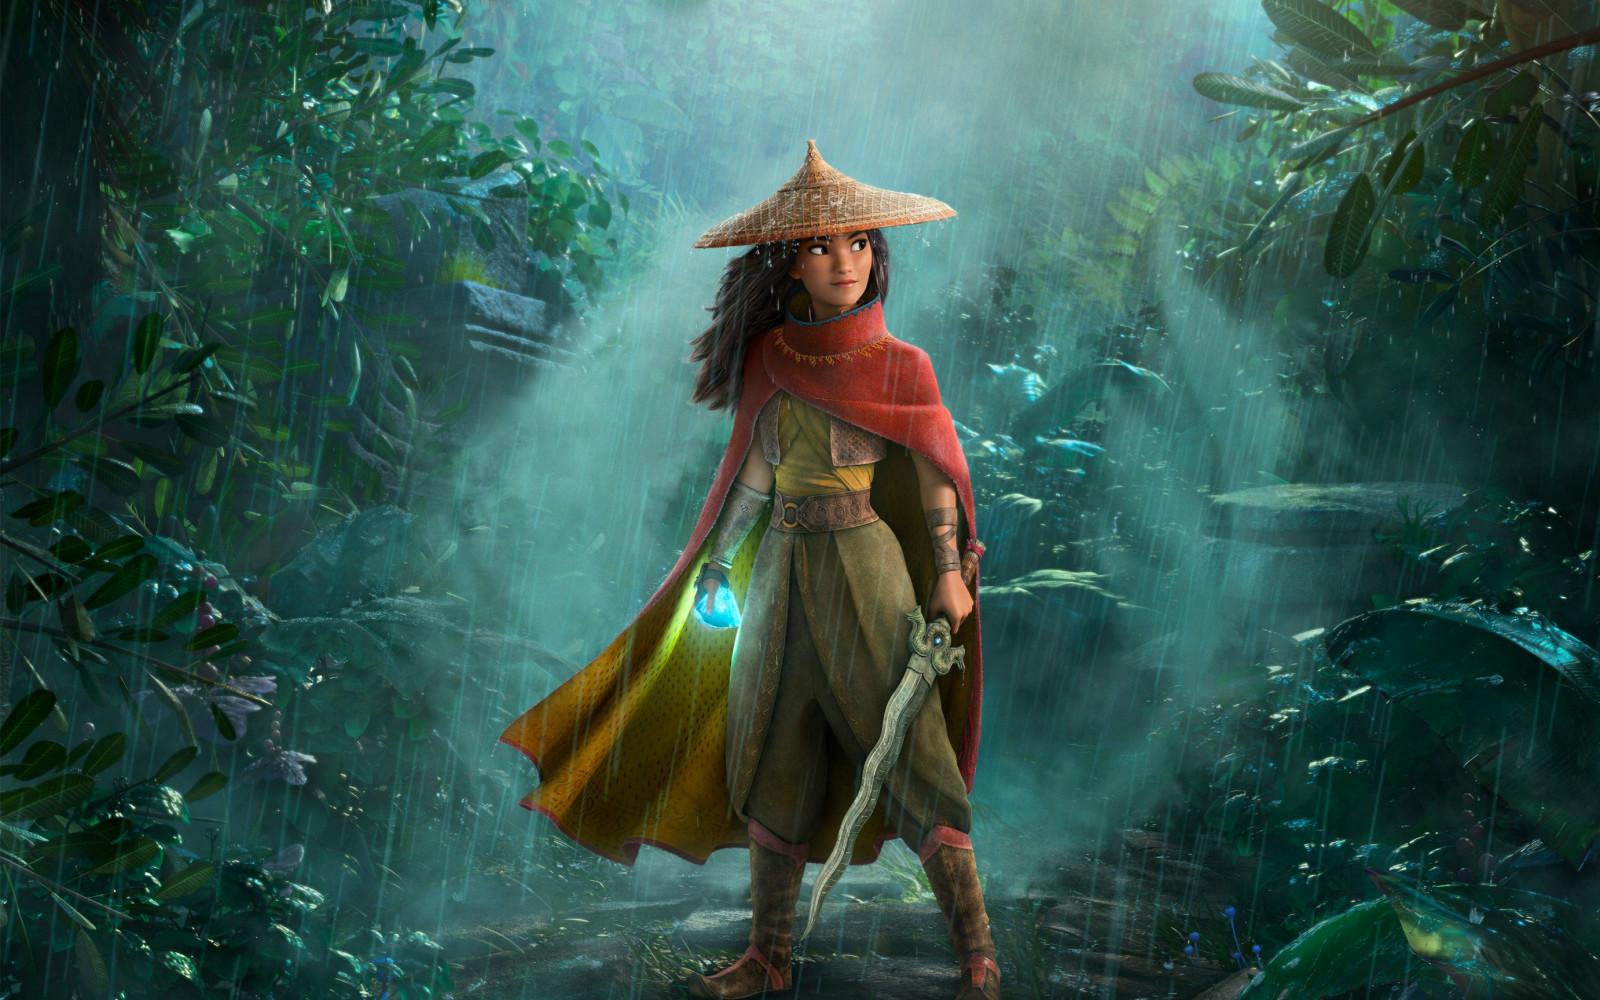 迪士尼全新动画电影《寻龙传说》正式确定将登陆内地院线